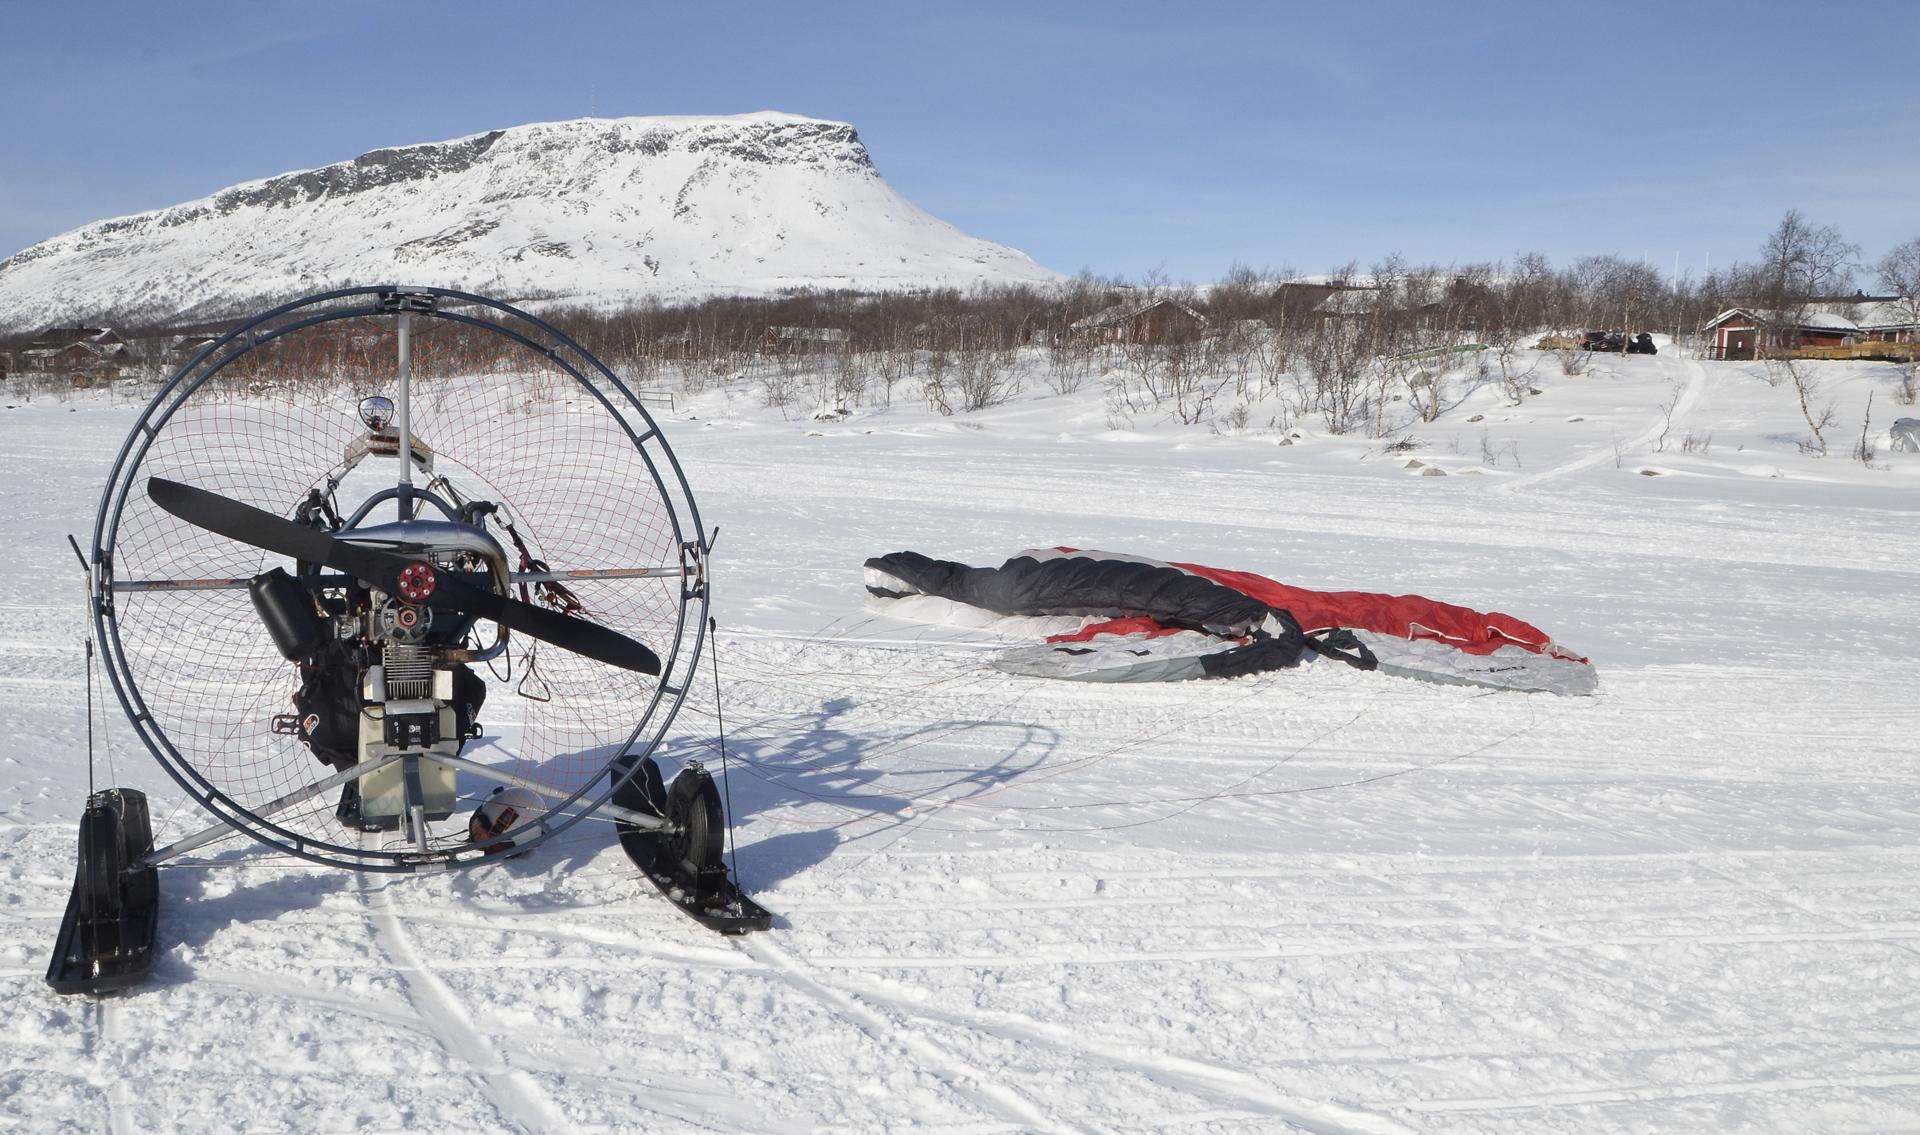 Ennakkoon suunniteltu tavoite tuli saavutettua kun laskeuduin Kilpisjärven jäälle.